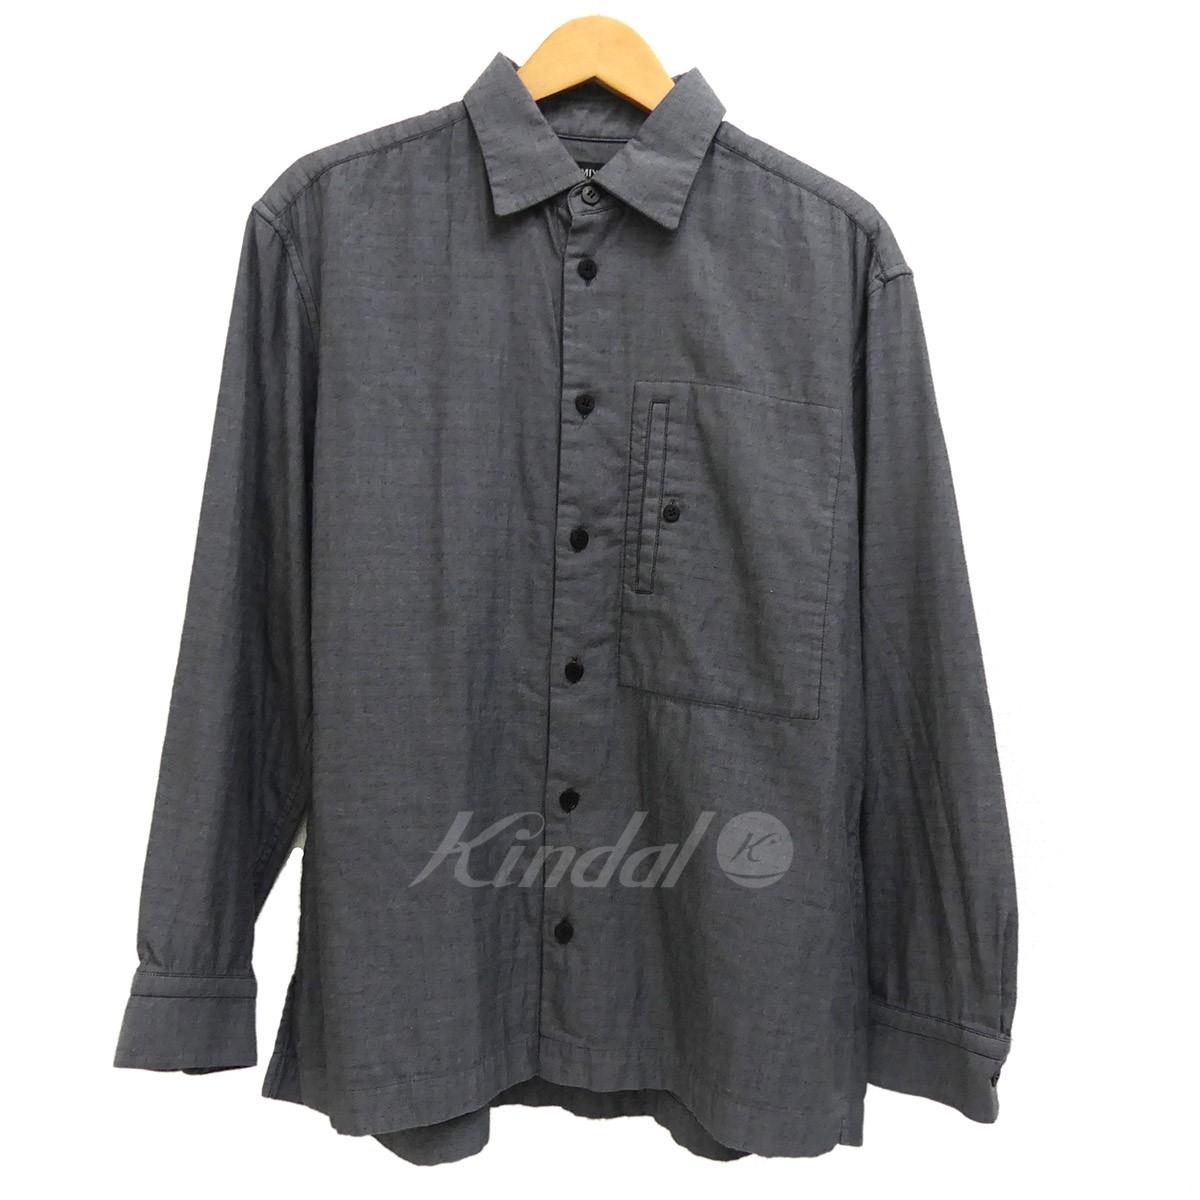 【中古】ISSEY MIYAKE MEN 長袖シャツ 2016SS グレー サイズ:3 【送料無料】 【221018】(イッセイミヤケ)